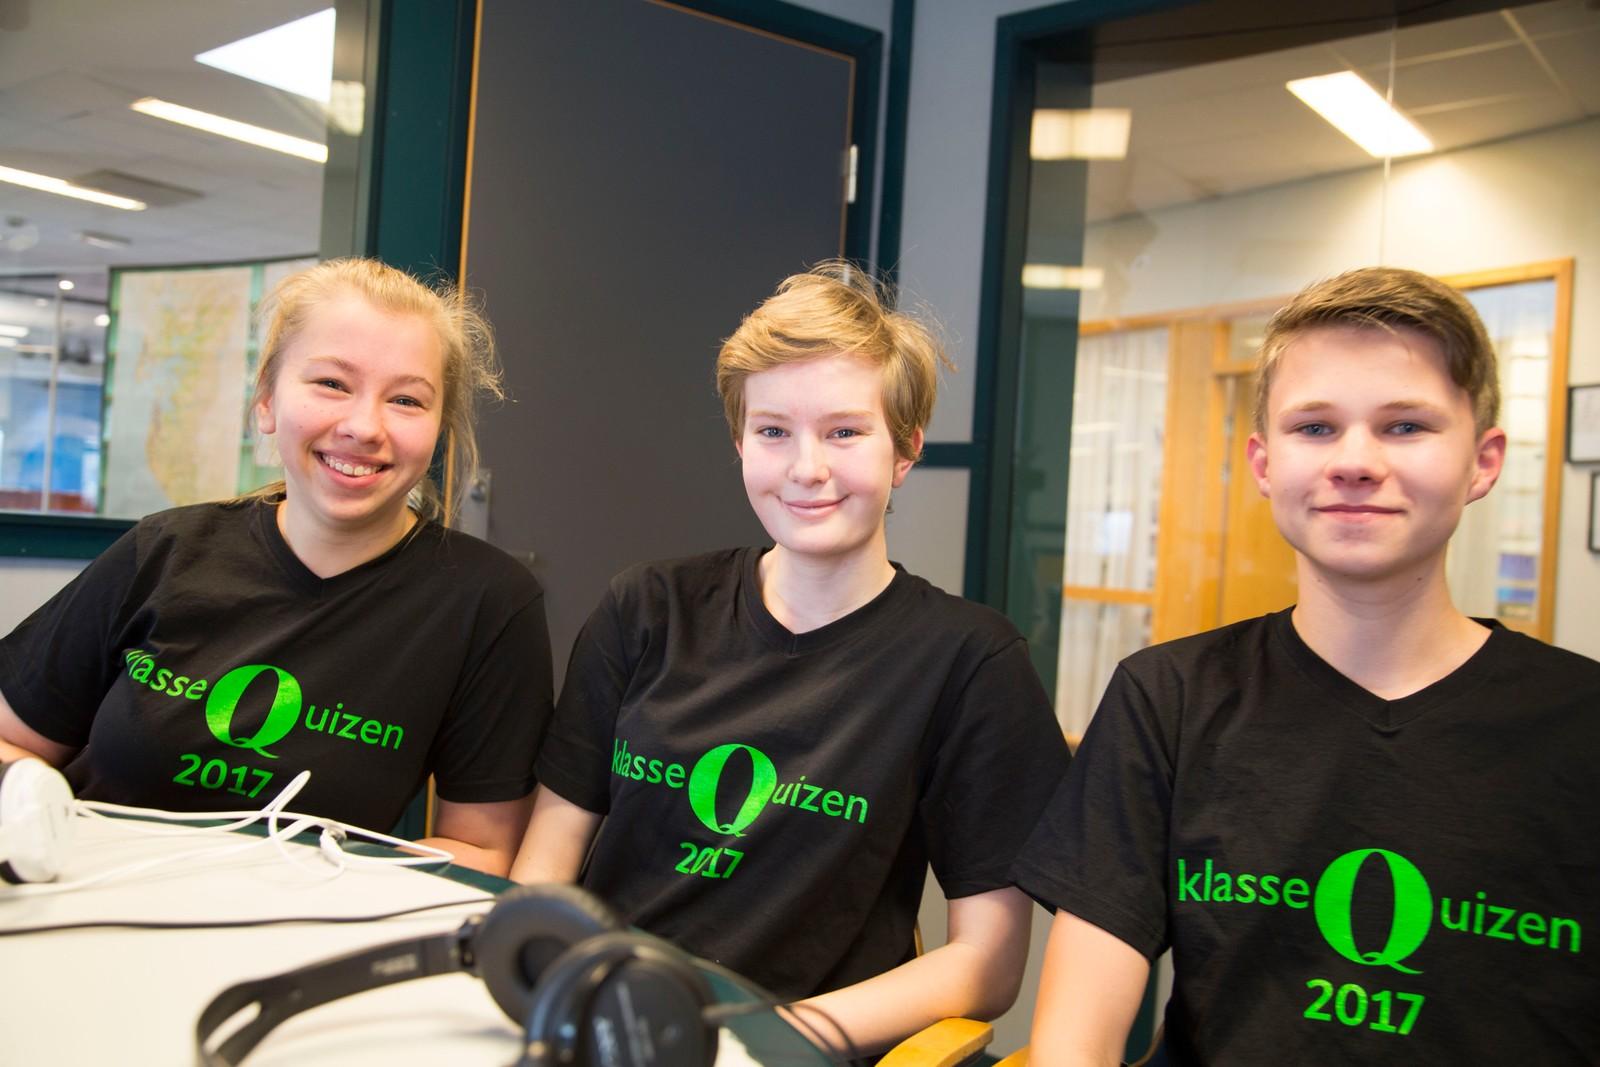 Smiodden skole fikk 11 poeng i Klassequisen. På laget: Kristine Kjær Vatnaland, Maria Døeheim og Simen Kvalvåg Navestad.